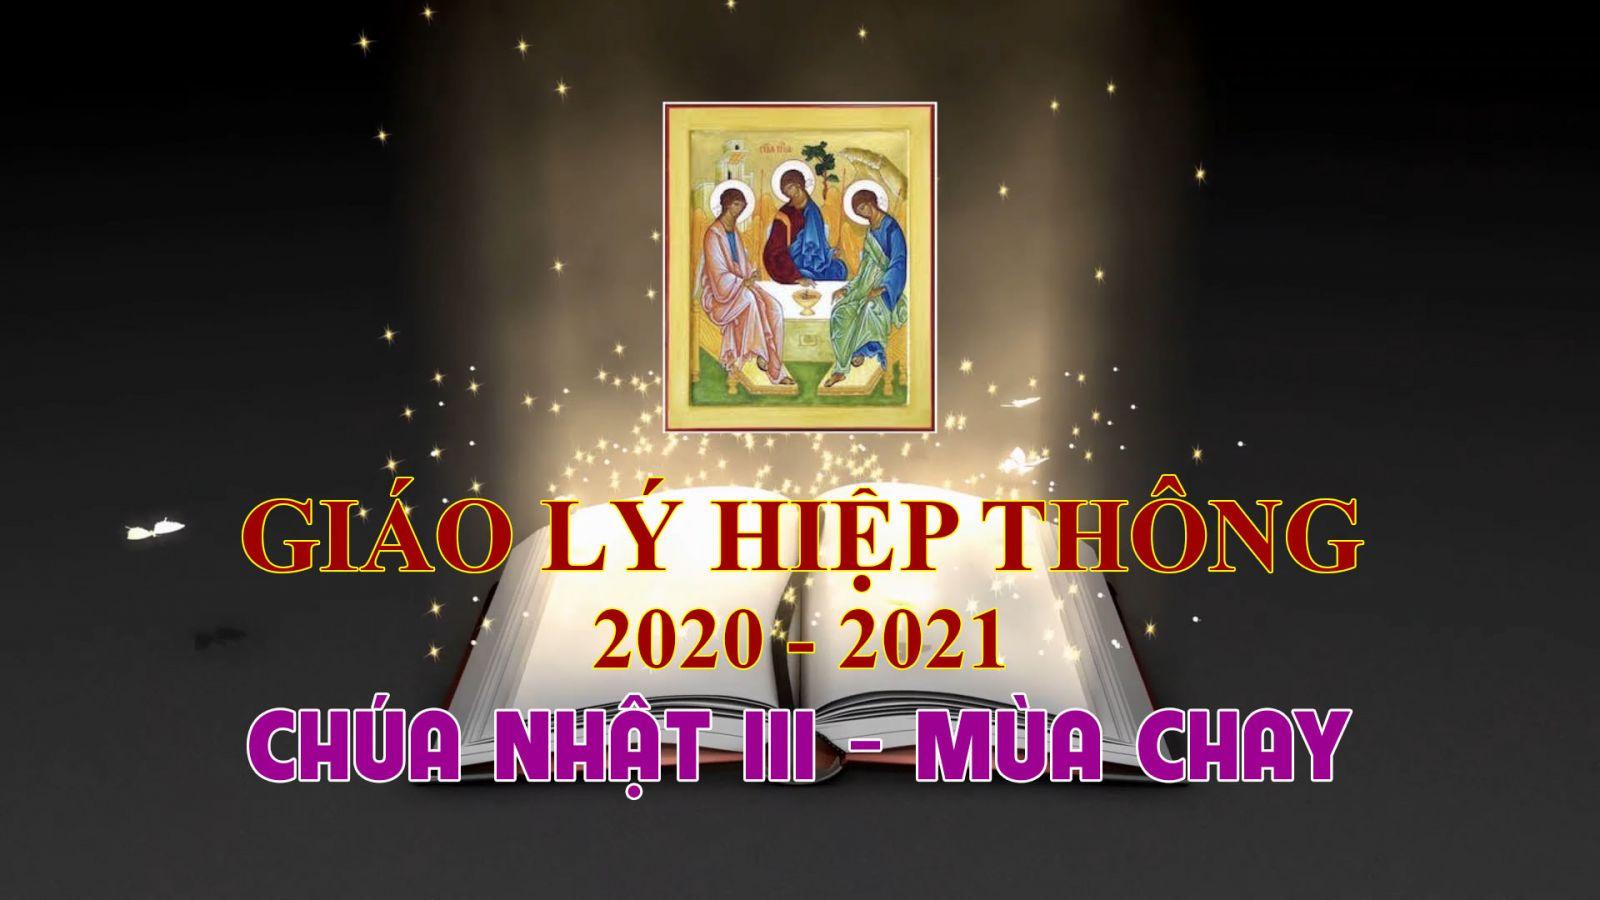 Giáo Lý Hiệp Thông | Chúa Nhật III - Mùa Chay (7.3.2021)